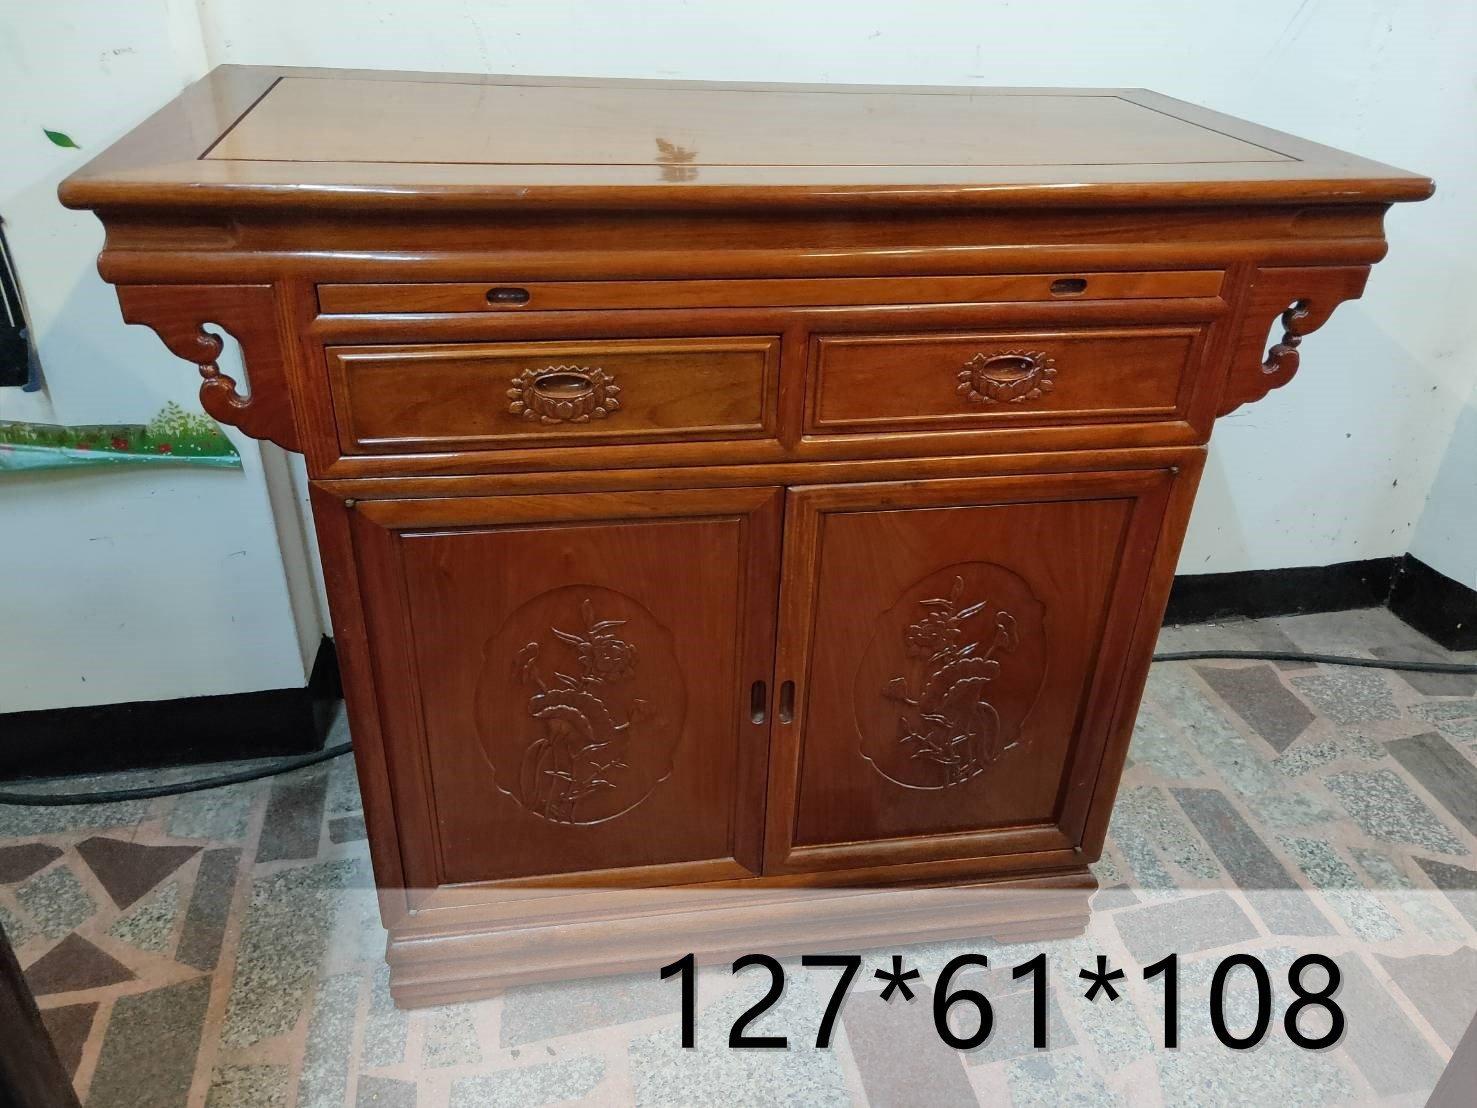 大溪二手家具-神桌、供桌、色澤優 、佛桌、上下桌、神明桌、供奉桌、祖先桌 藝品回收藝品二手買賣